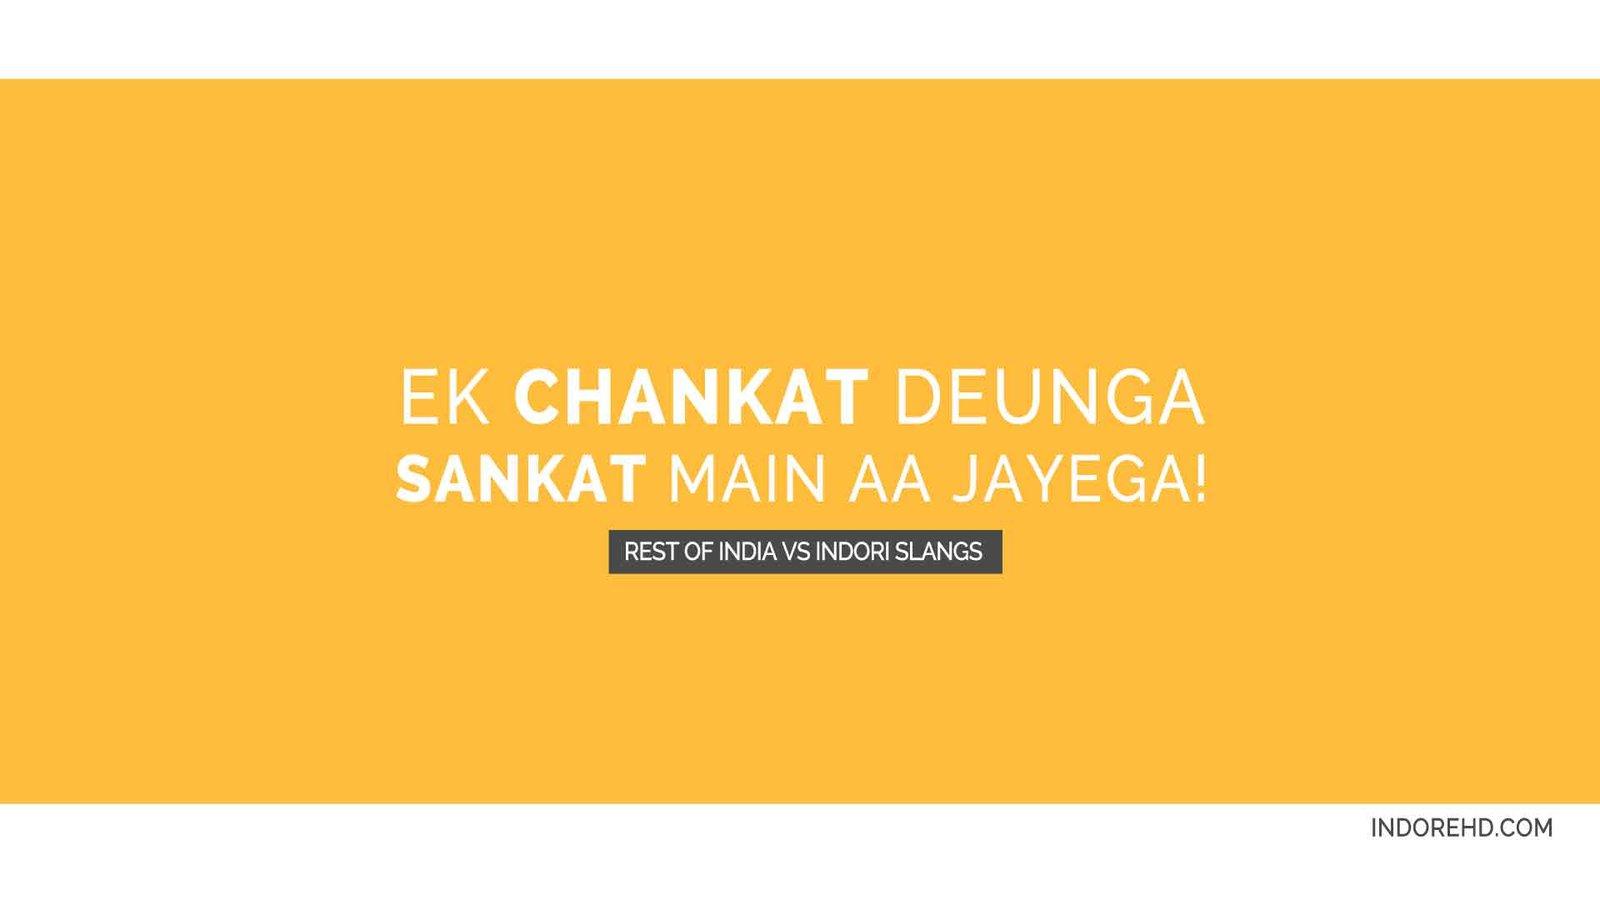 indori-slangs-beats-rest-of-india-indorehd